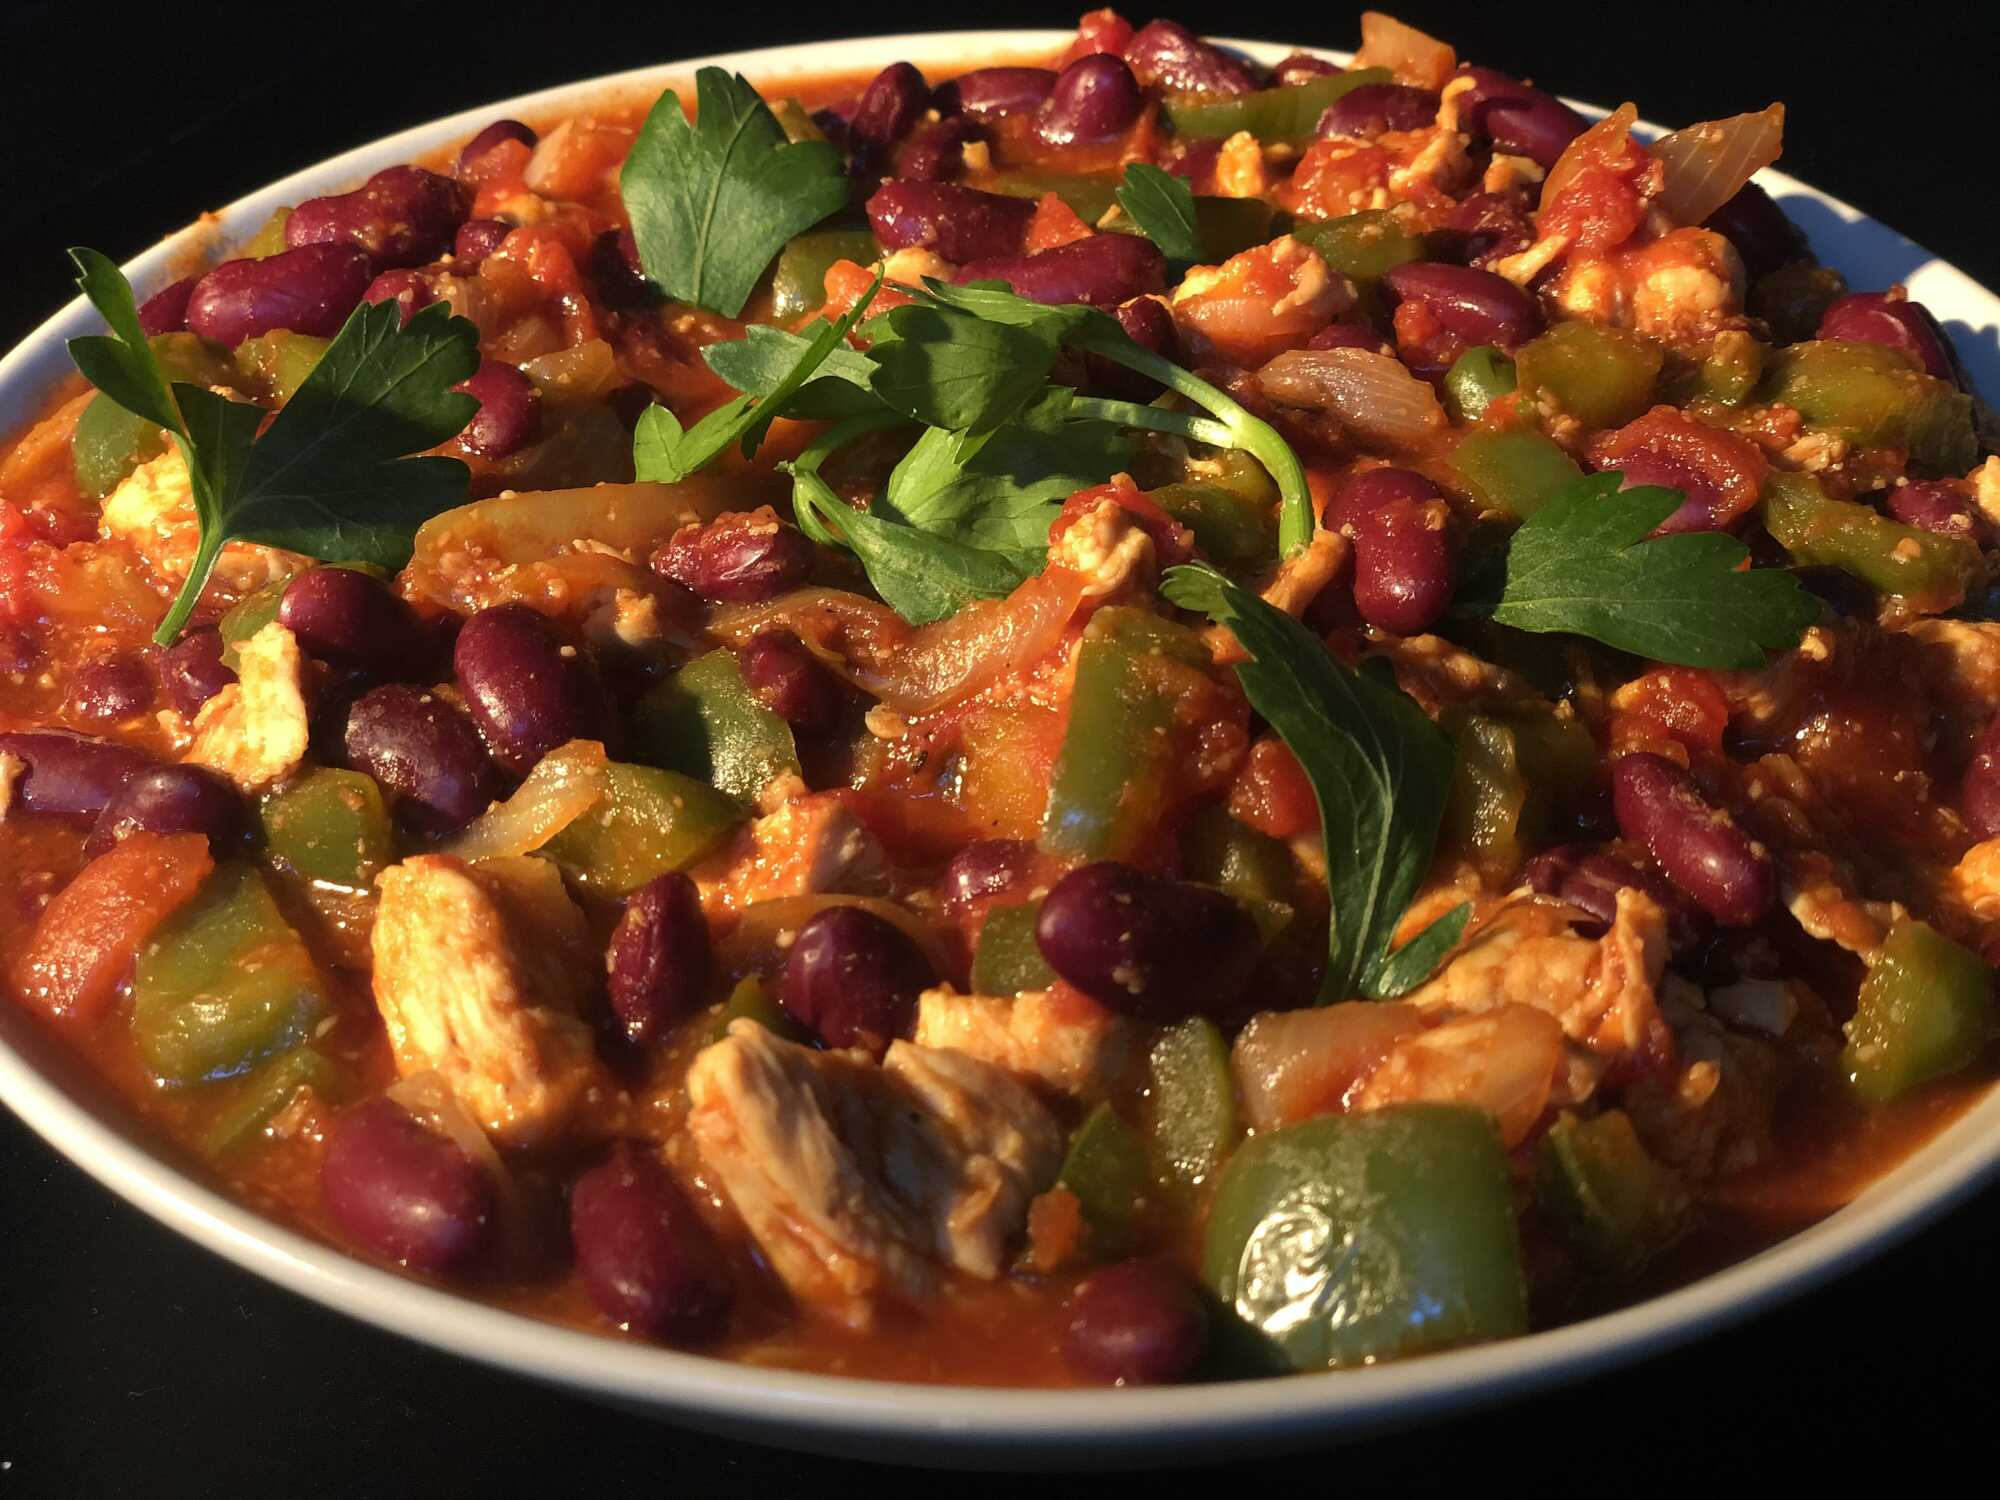 Dans un plat creux, se trouve le poulet coupé en généreux morceaux, les haricots rouges et le poivron baignant dans le chili et la sauce tomate.